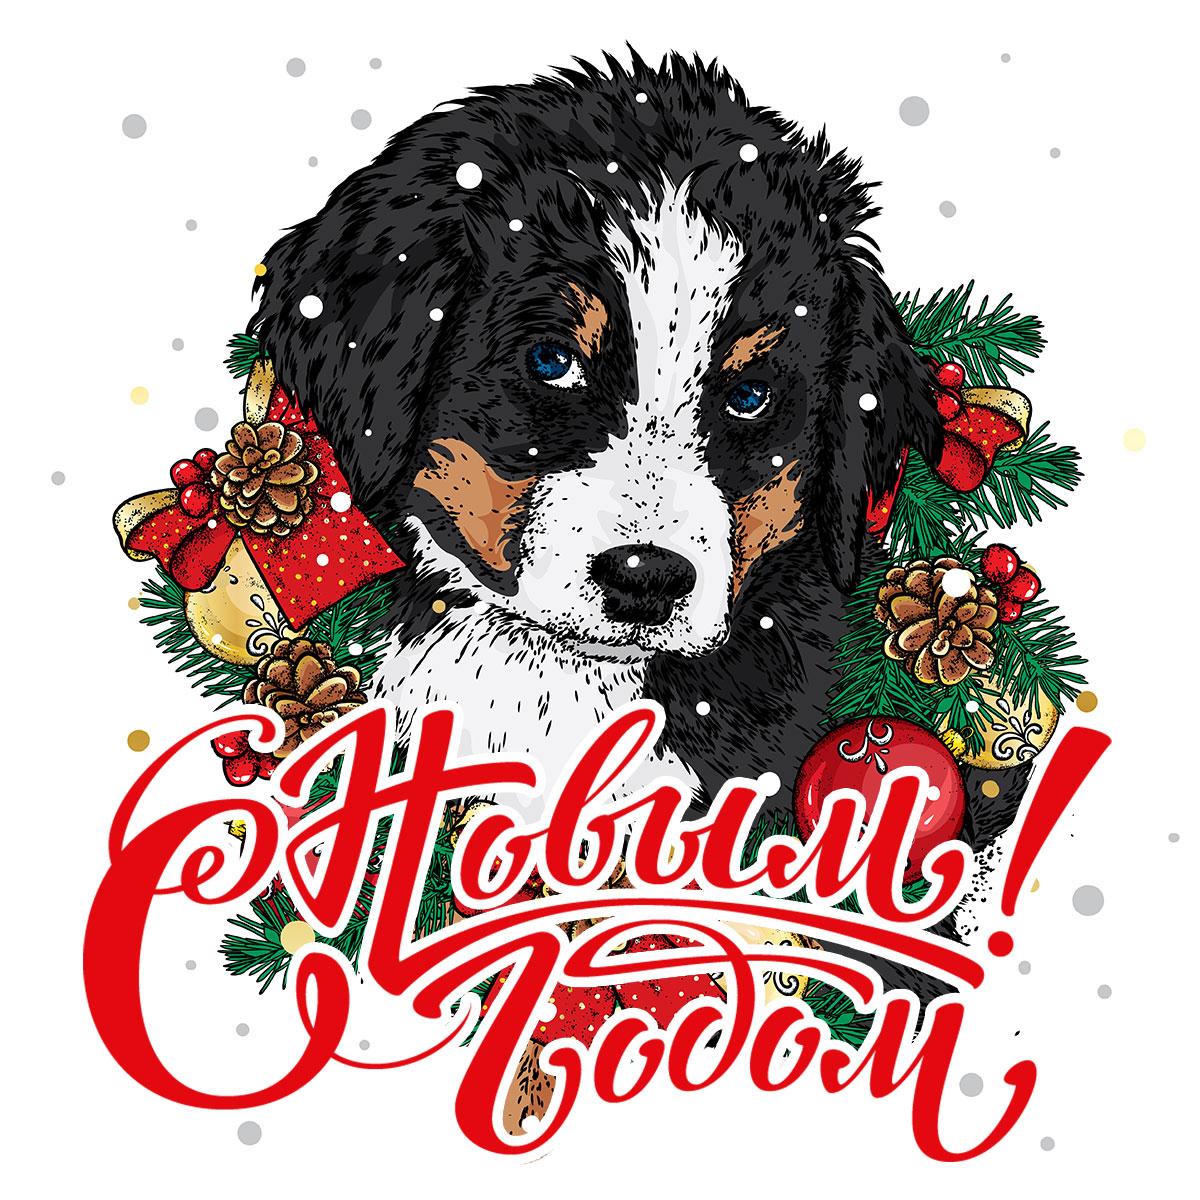 Щенок Бернской горной собаки с ветками сосны и праздничными украшениями.